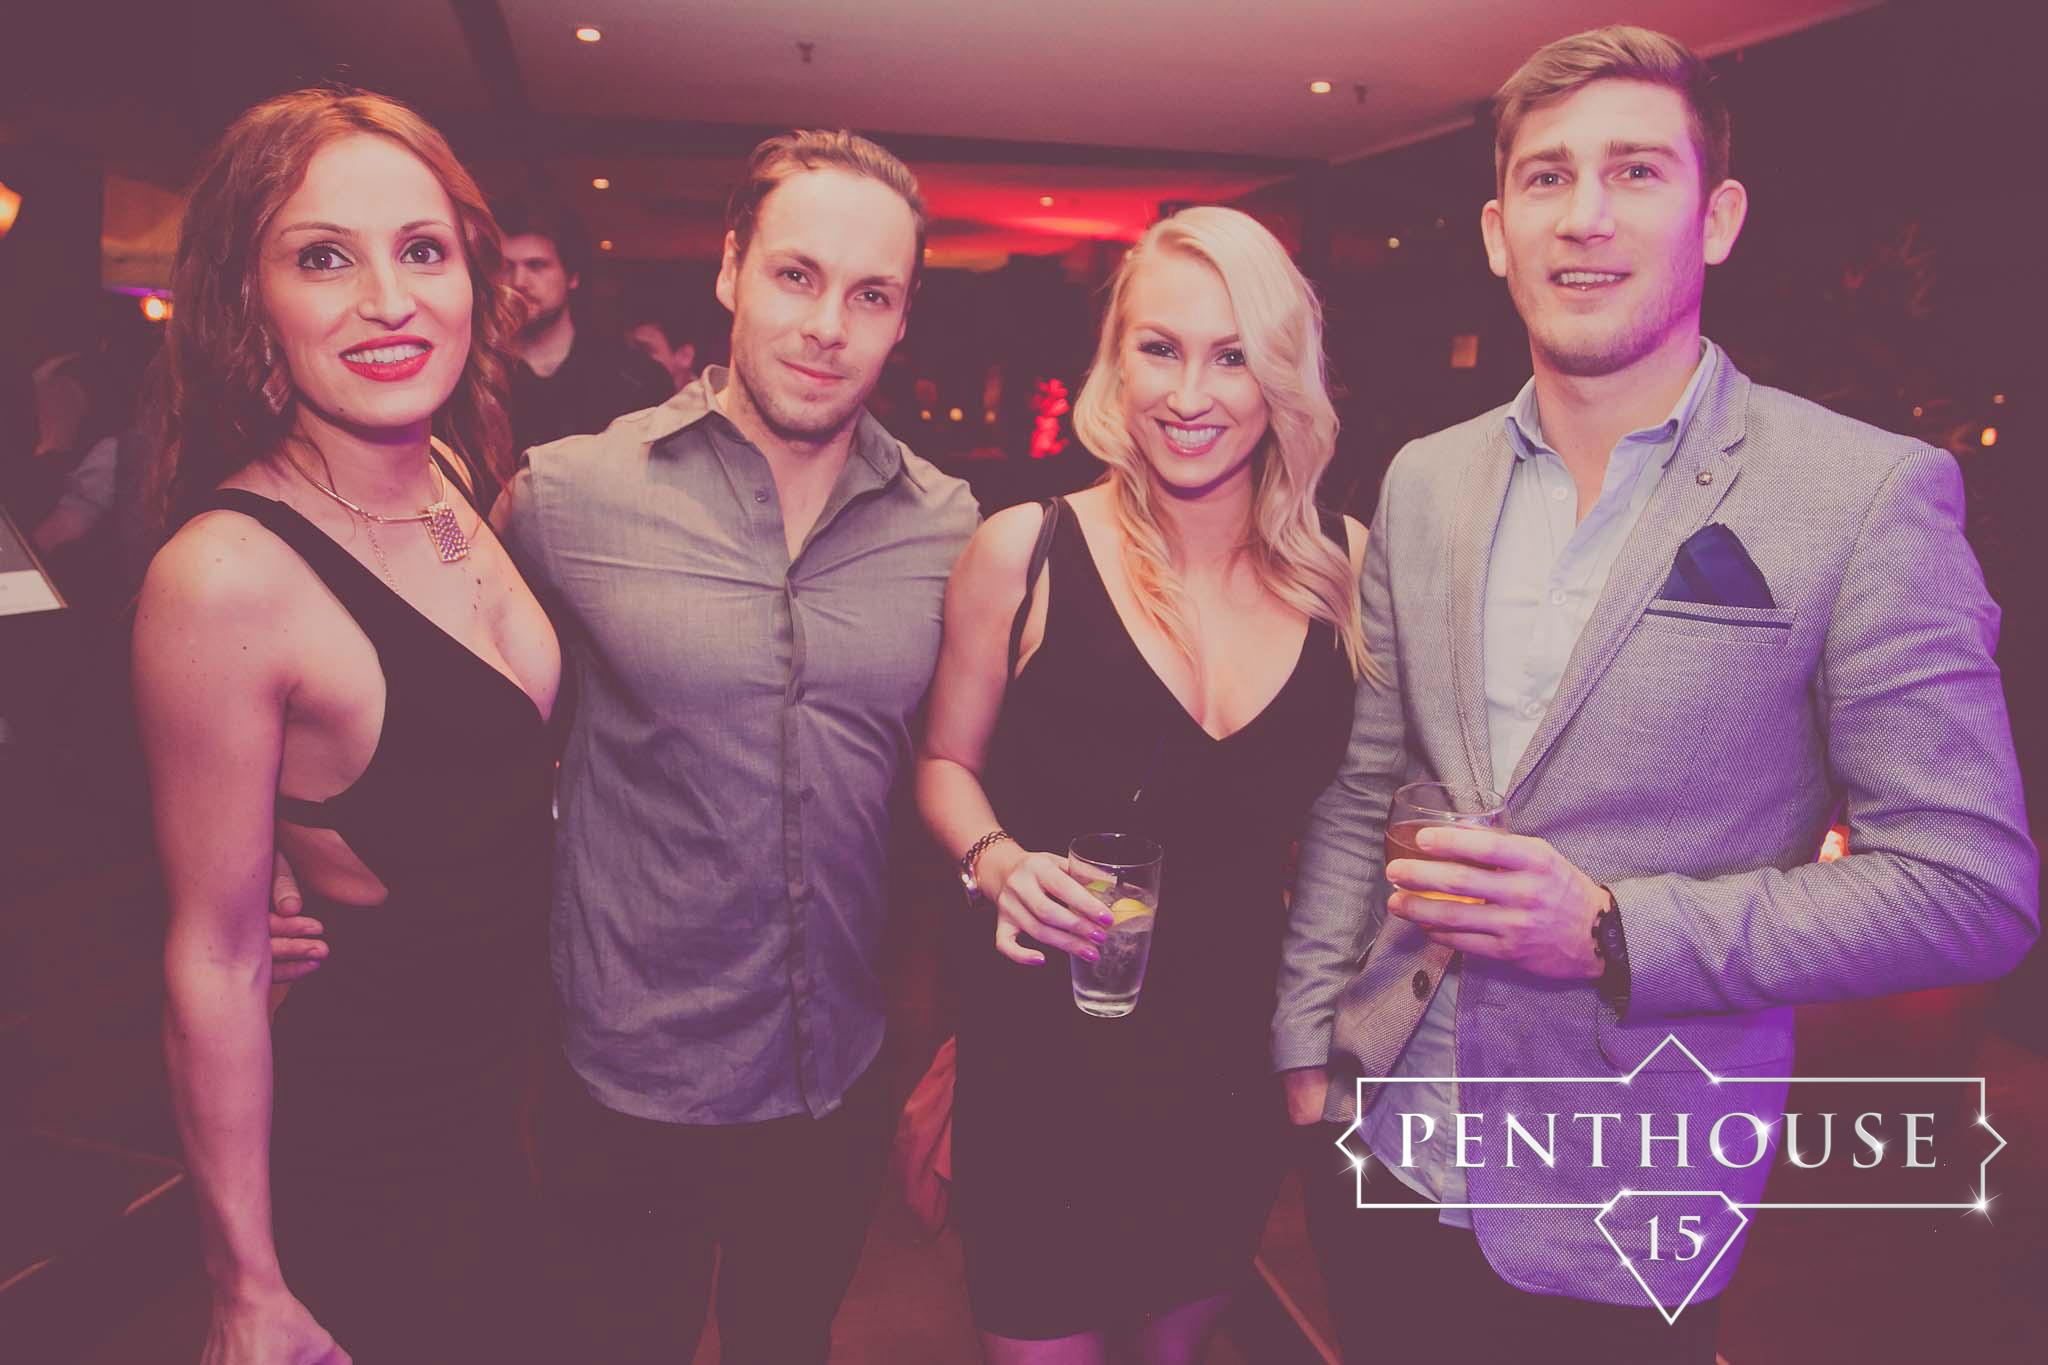 Penthouse_cream_0192.jpg